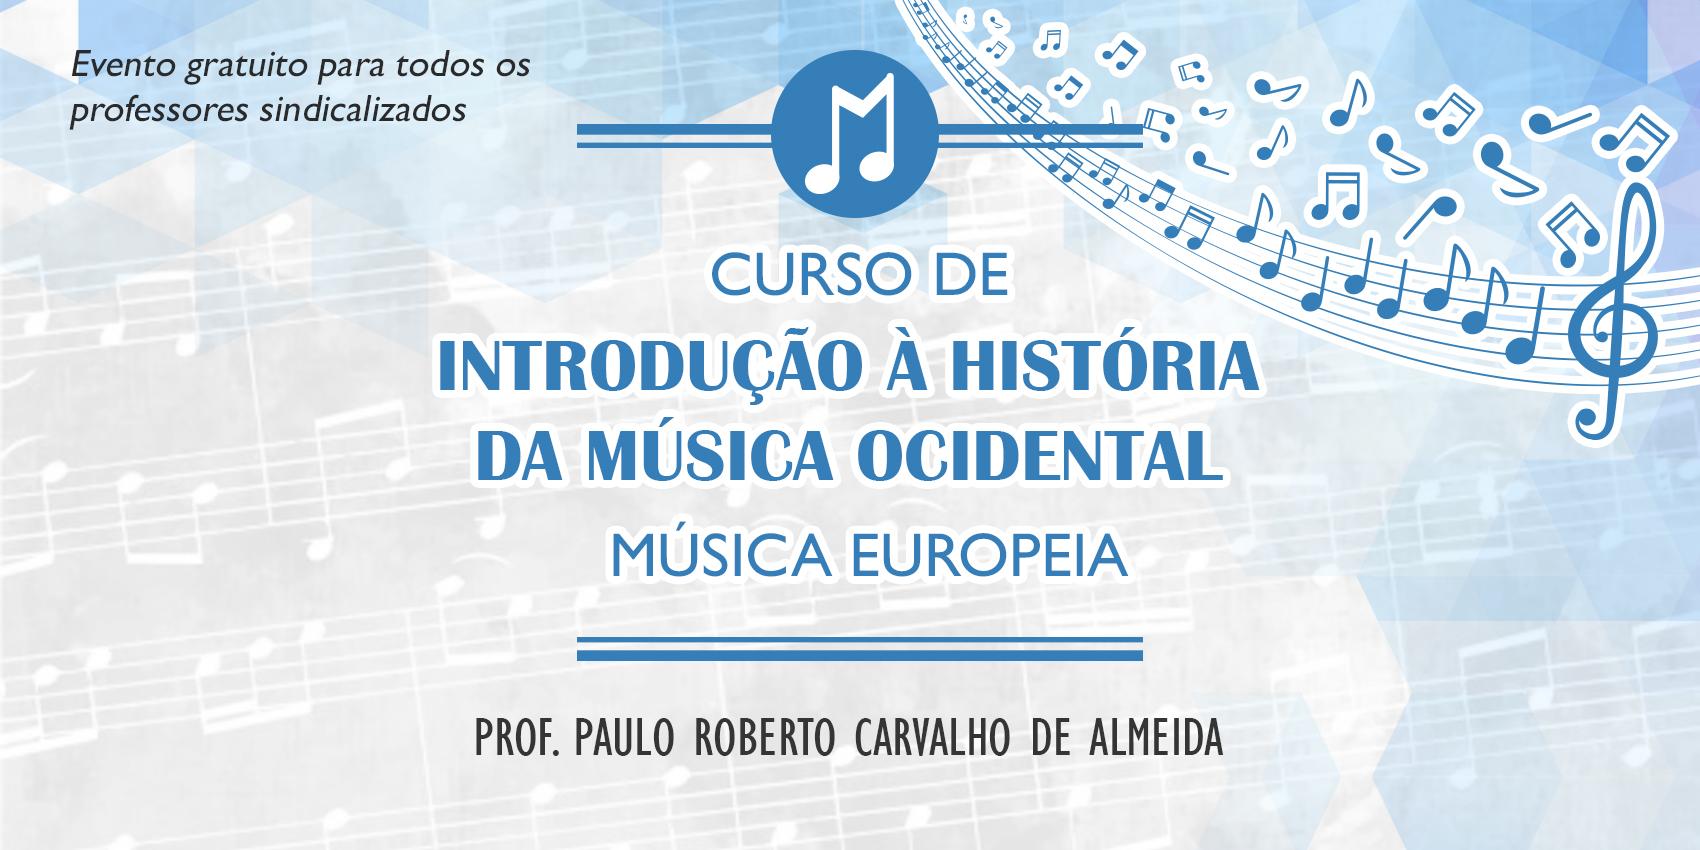 ADUFC-Sindicato oferece curso sobre a história da música ocidental